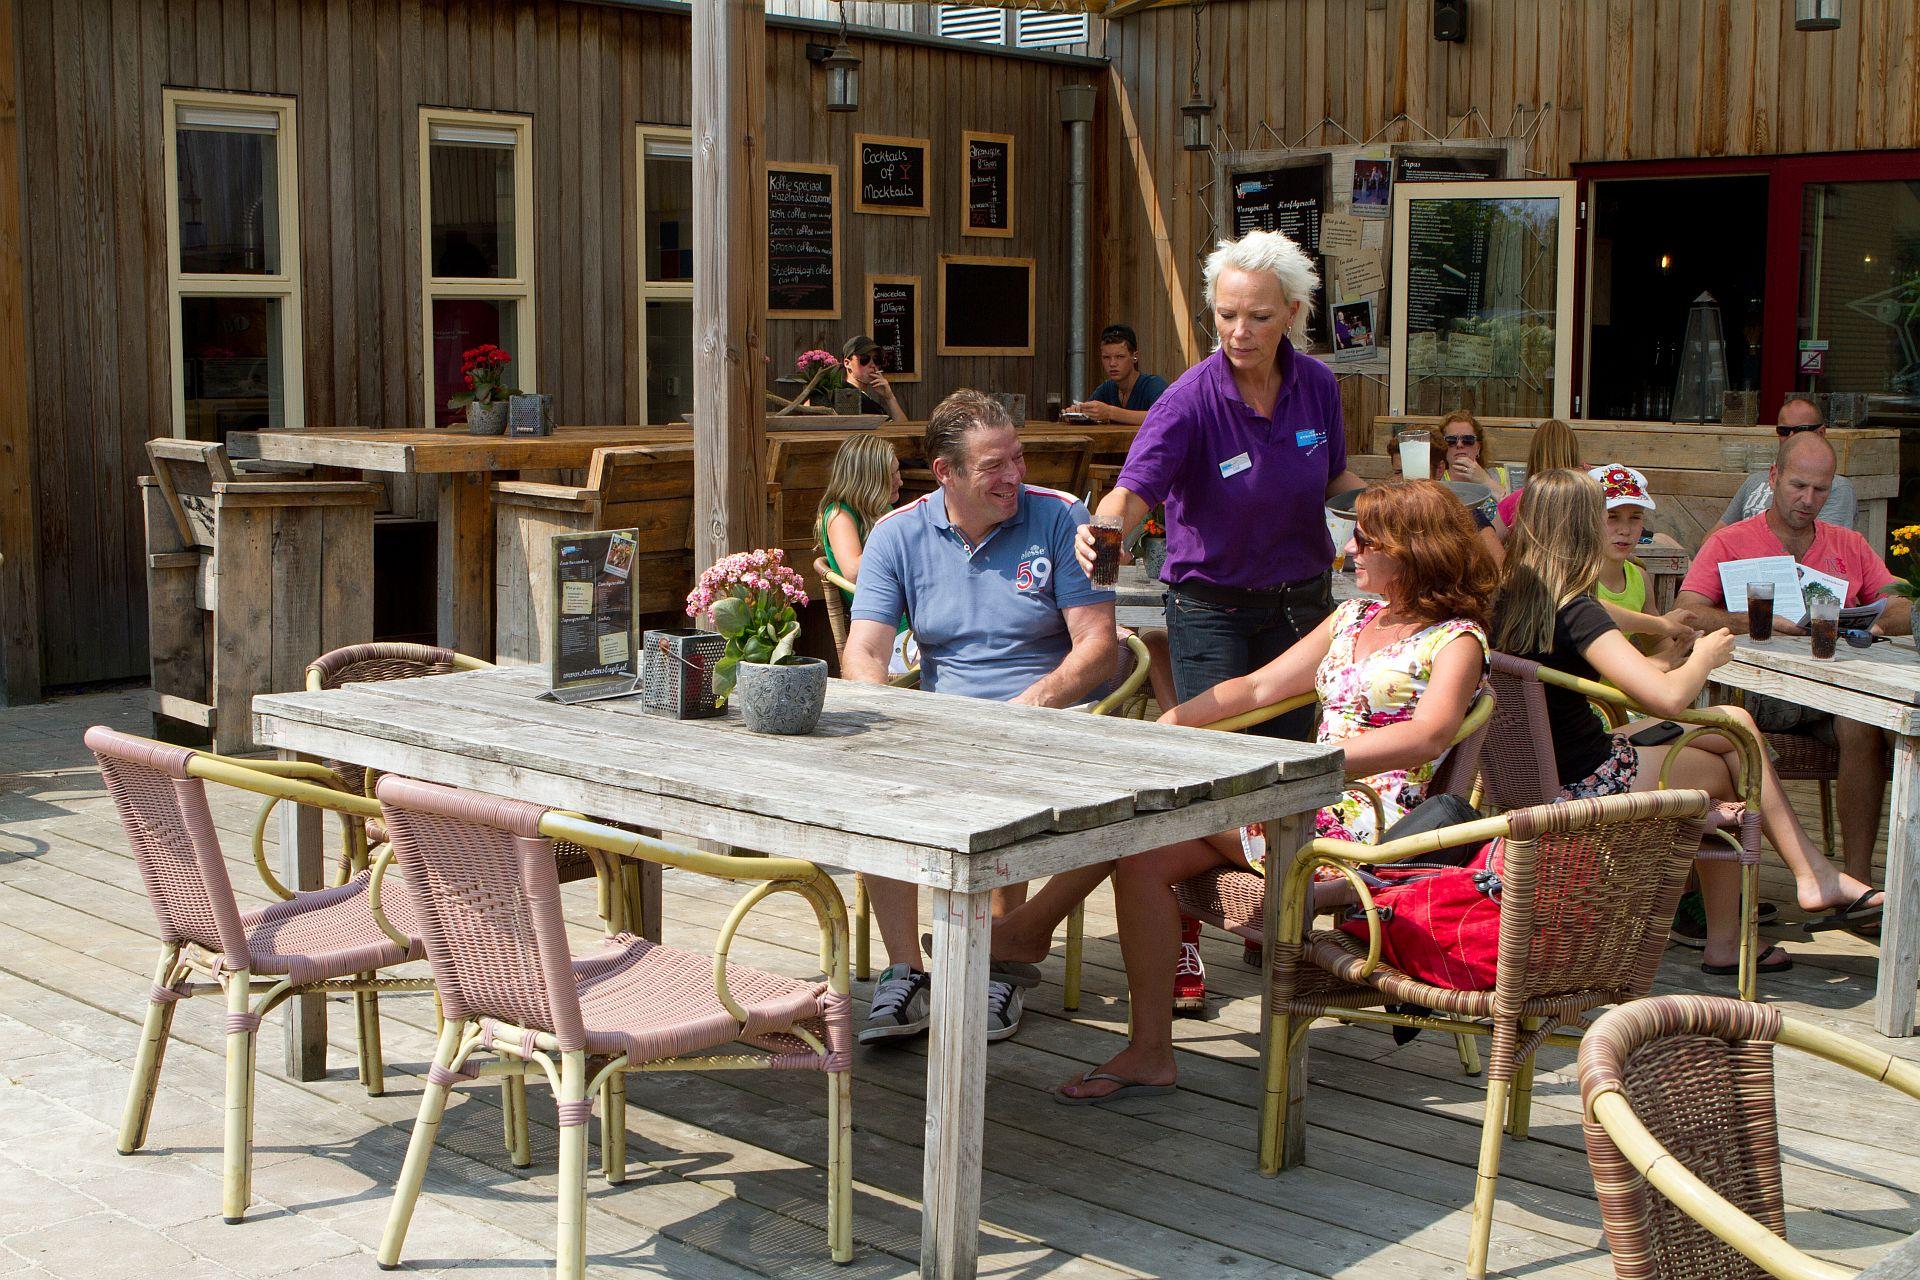 Camperplaats in Overijssel op 5 sterren camping - Camperplaatsen in Overijssel